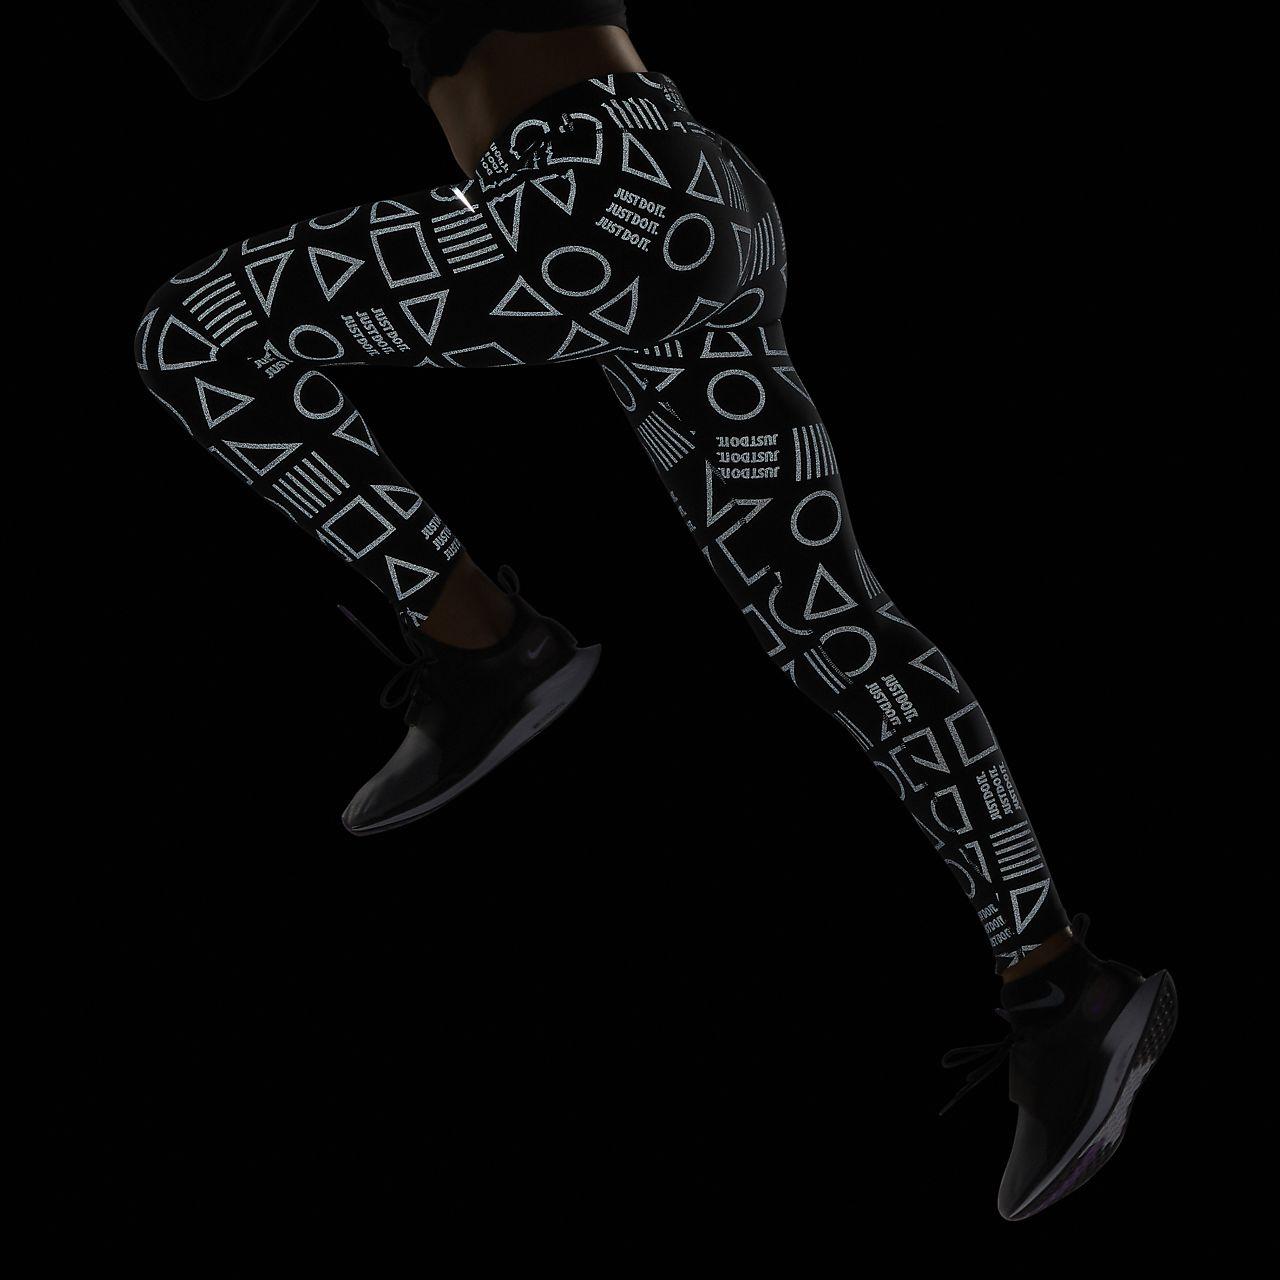 Custom Air Jordan 4 Air Jordan 11 Retro Blackout All Black Ice Sole ... 4729fc91c